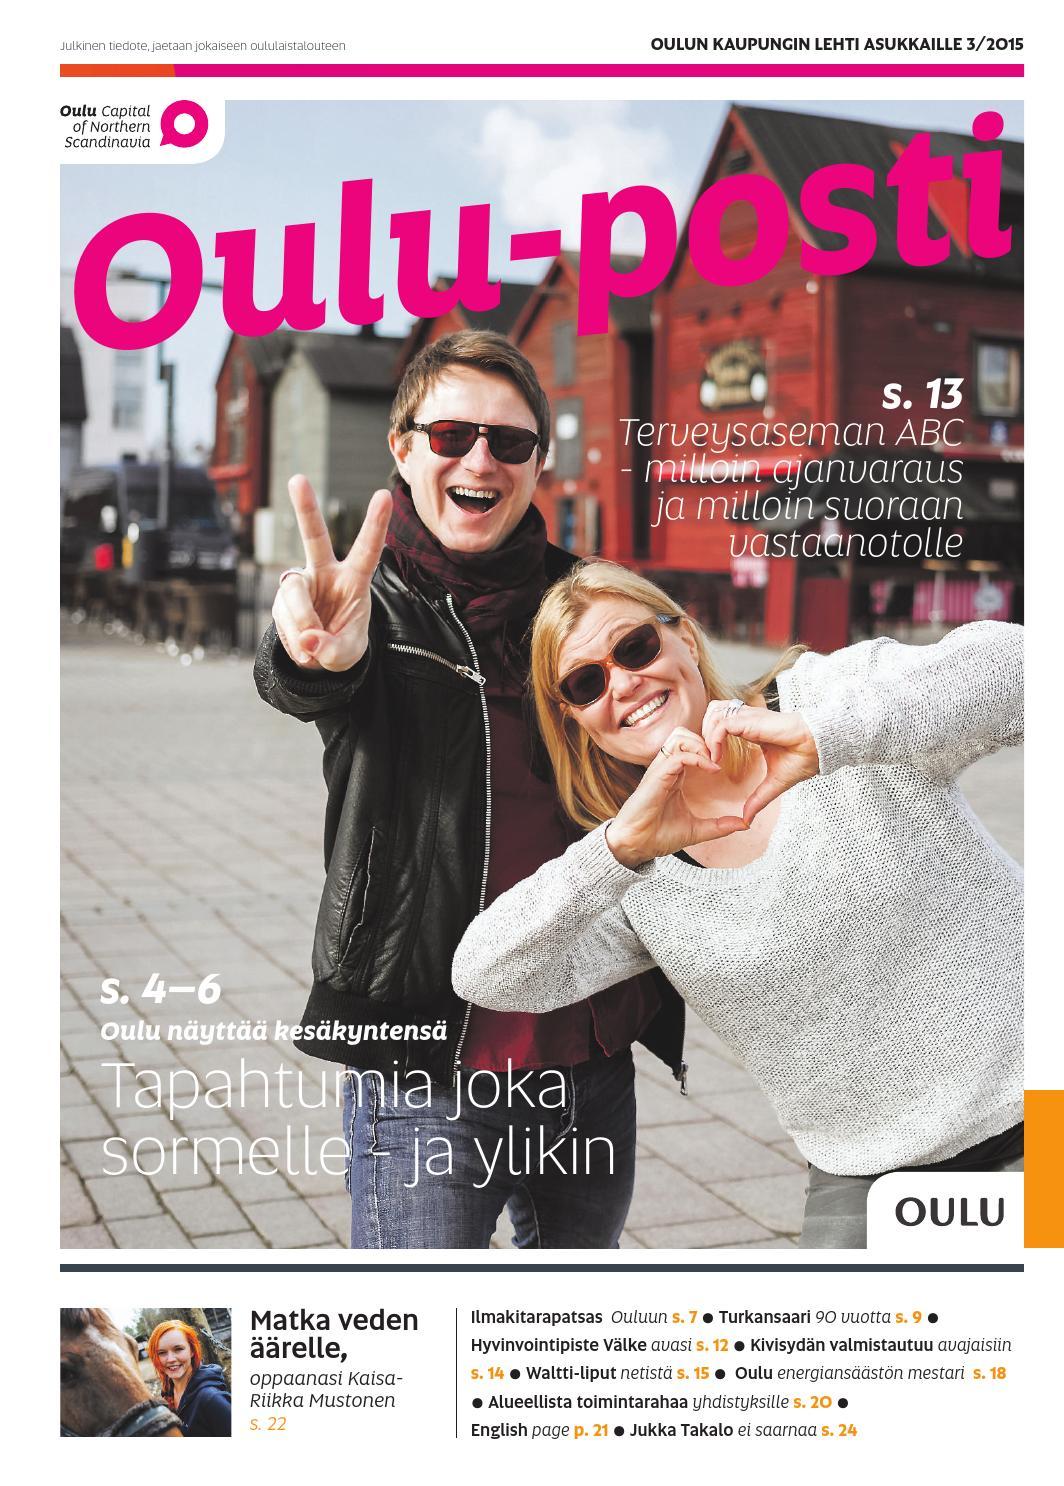 Oulu Waltti